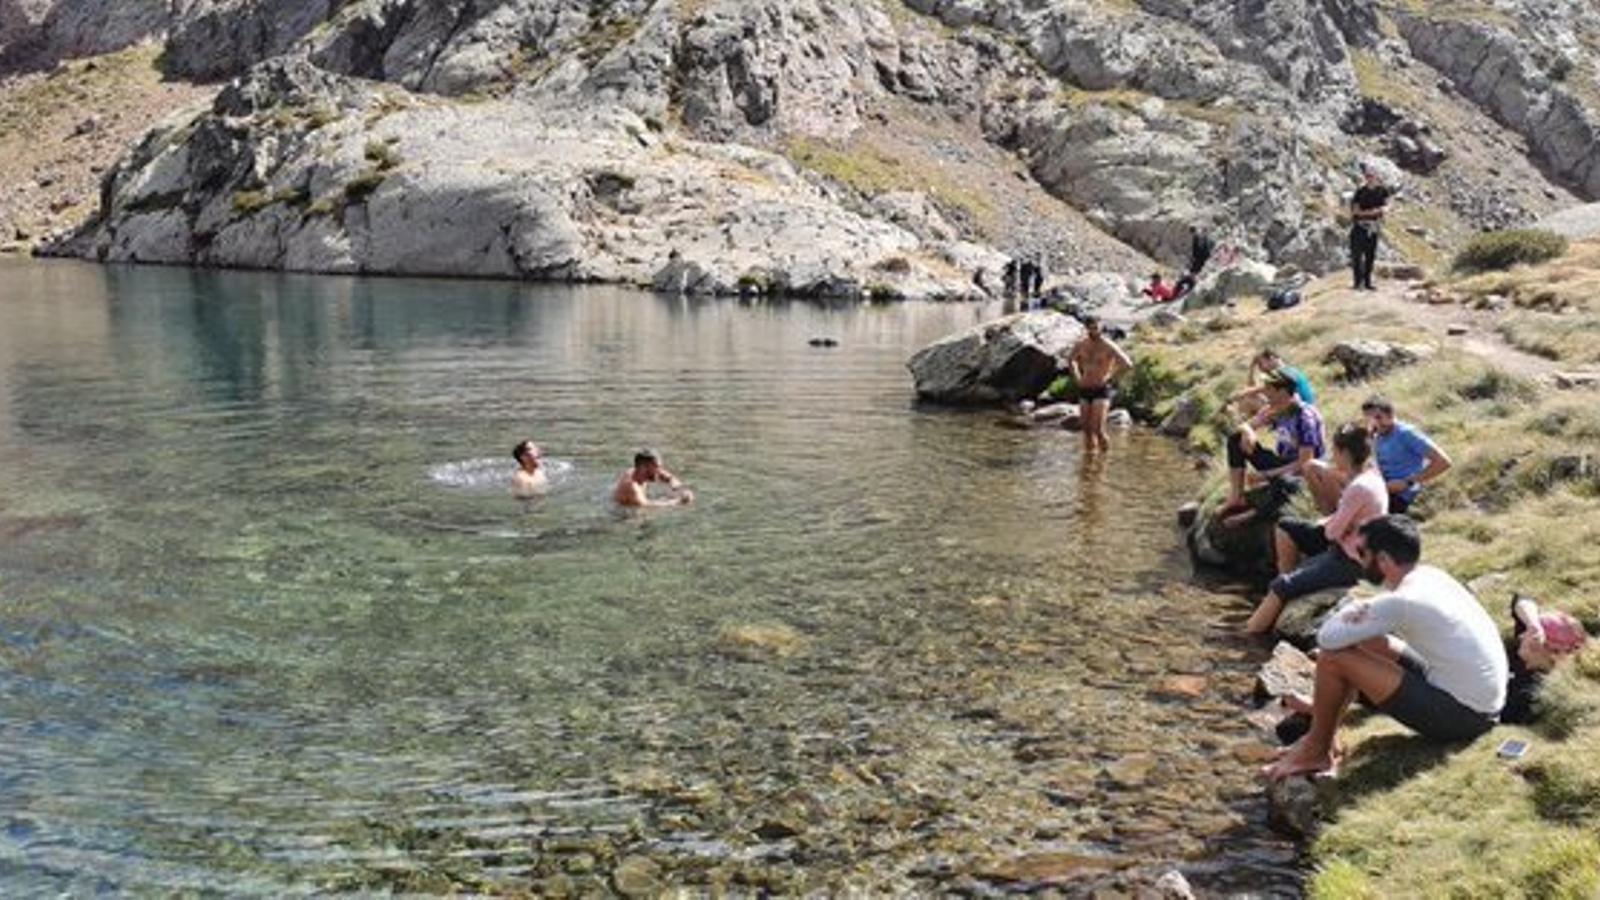 Visitants banyant-se als estanys de la ruta del la Pica d'Estats